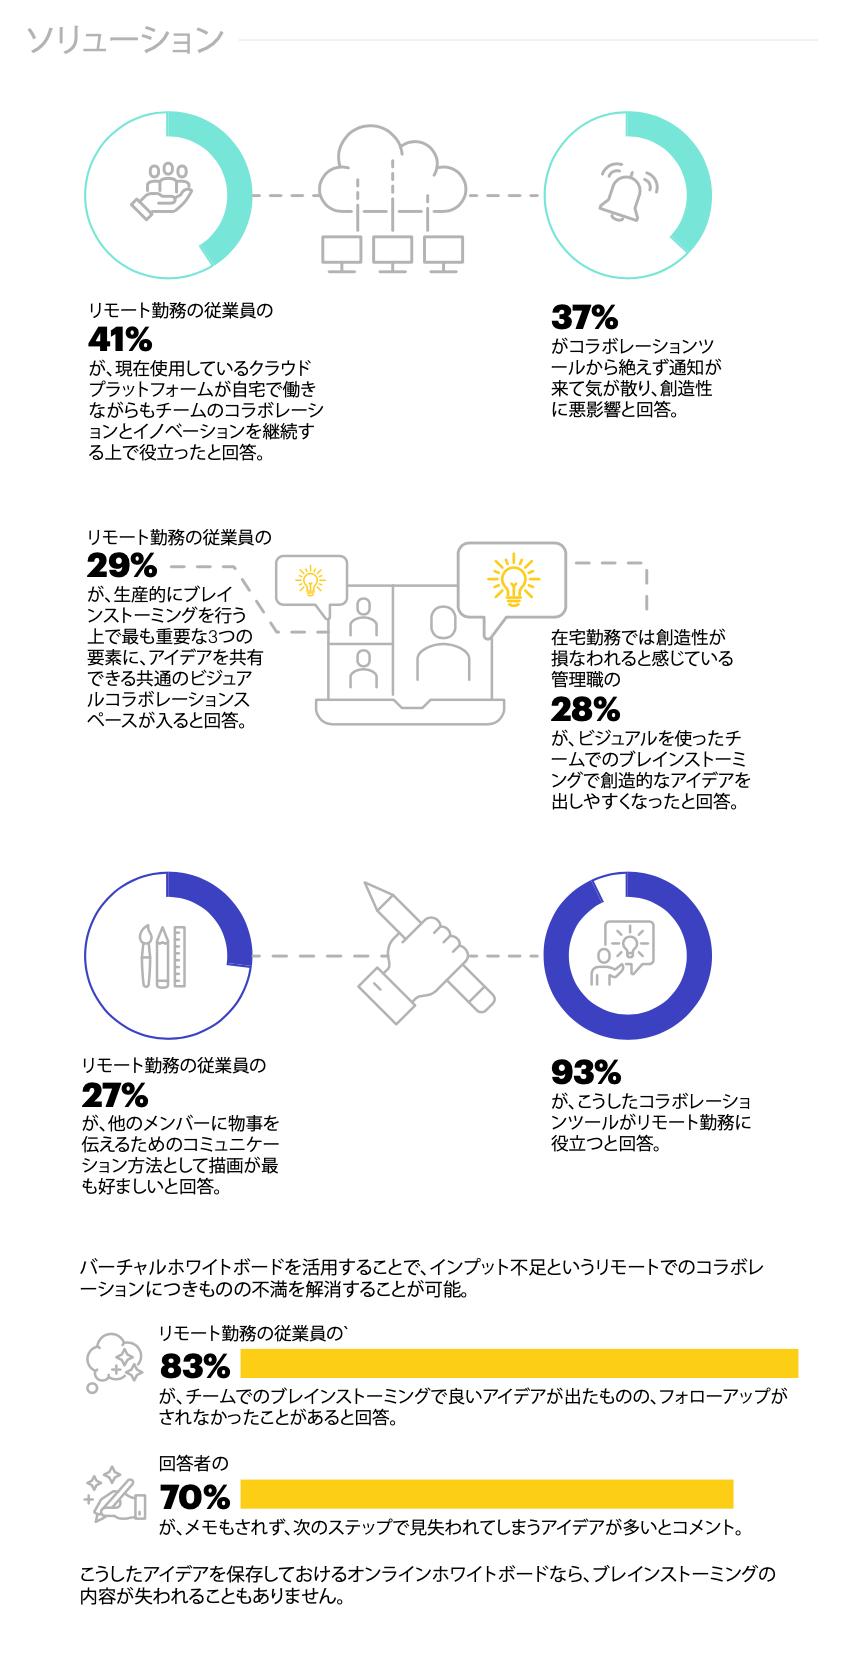 リモート勤務の従業員のコラボレーションツールの有効性に対する認識と、バーチャルホワイトボードツールが回答者の93%にどう役立ったかを視覚化するインフォグラフィック。